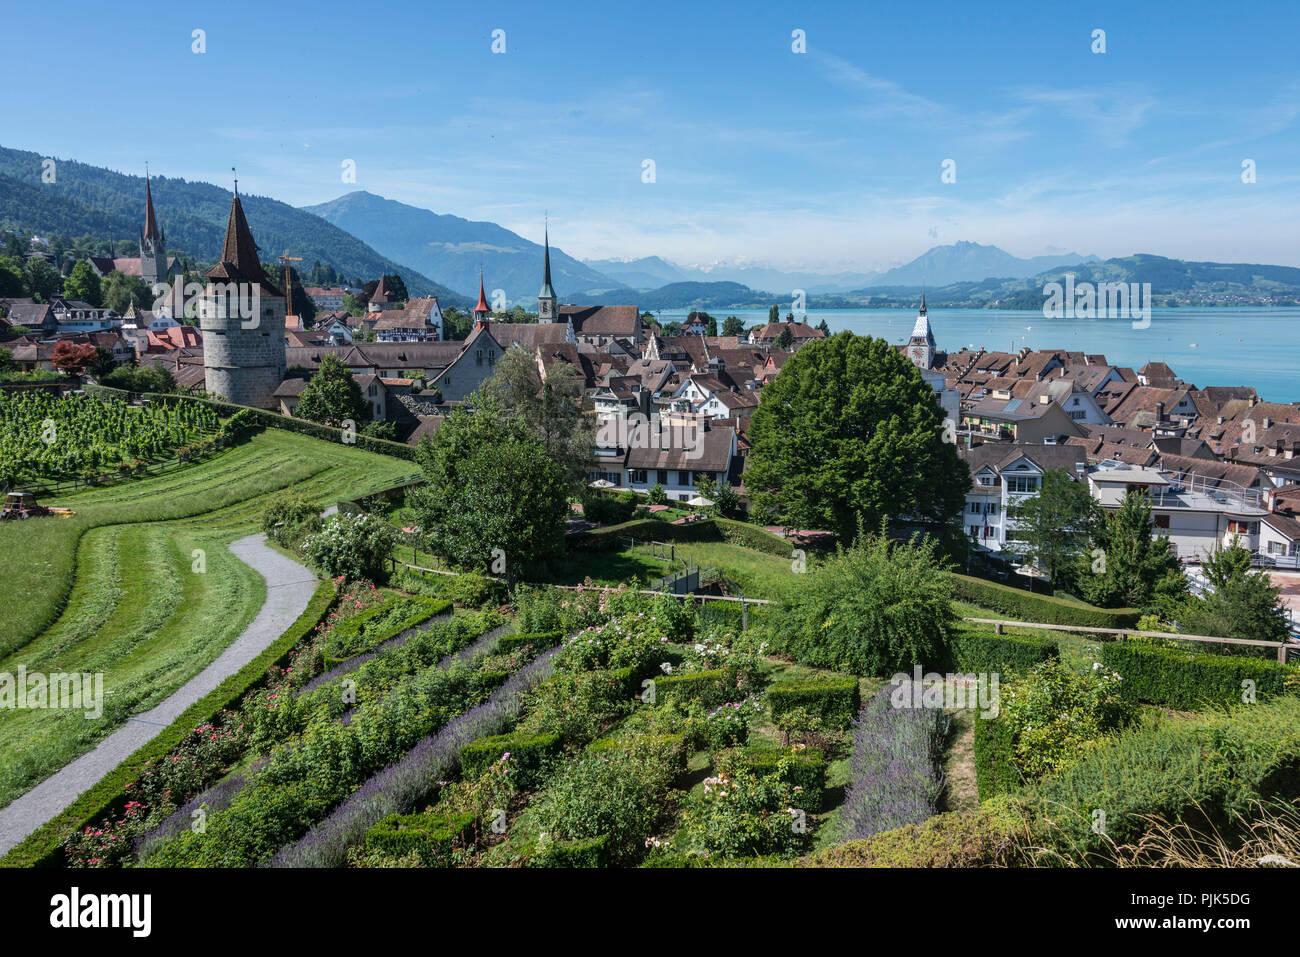 View on town and lake, Zug, Lake Zug, Canton of Zug, Switzerland ...